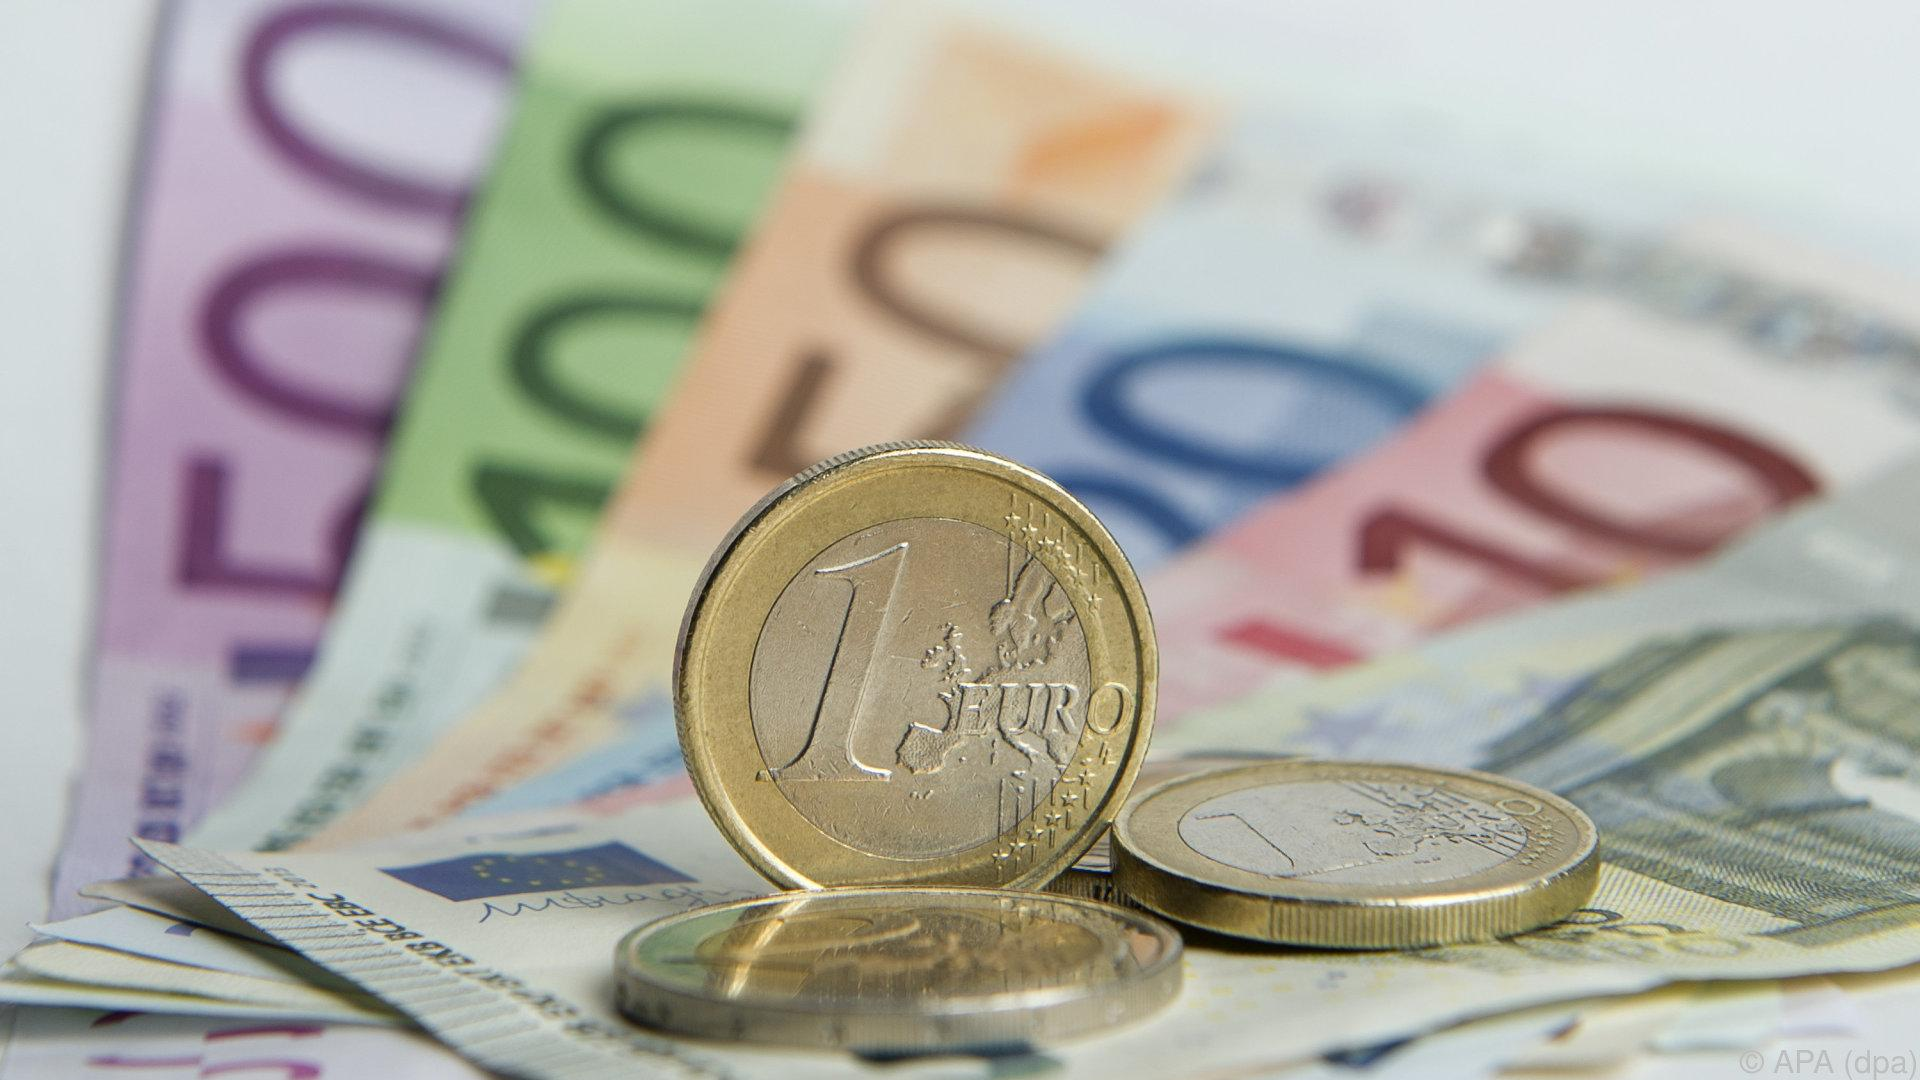 Trotz Corona: Österreicher spenden heuer 750 Millionen Euro